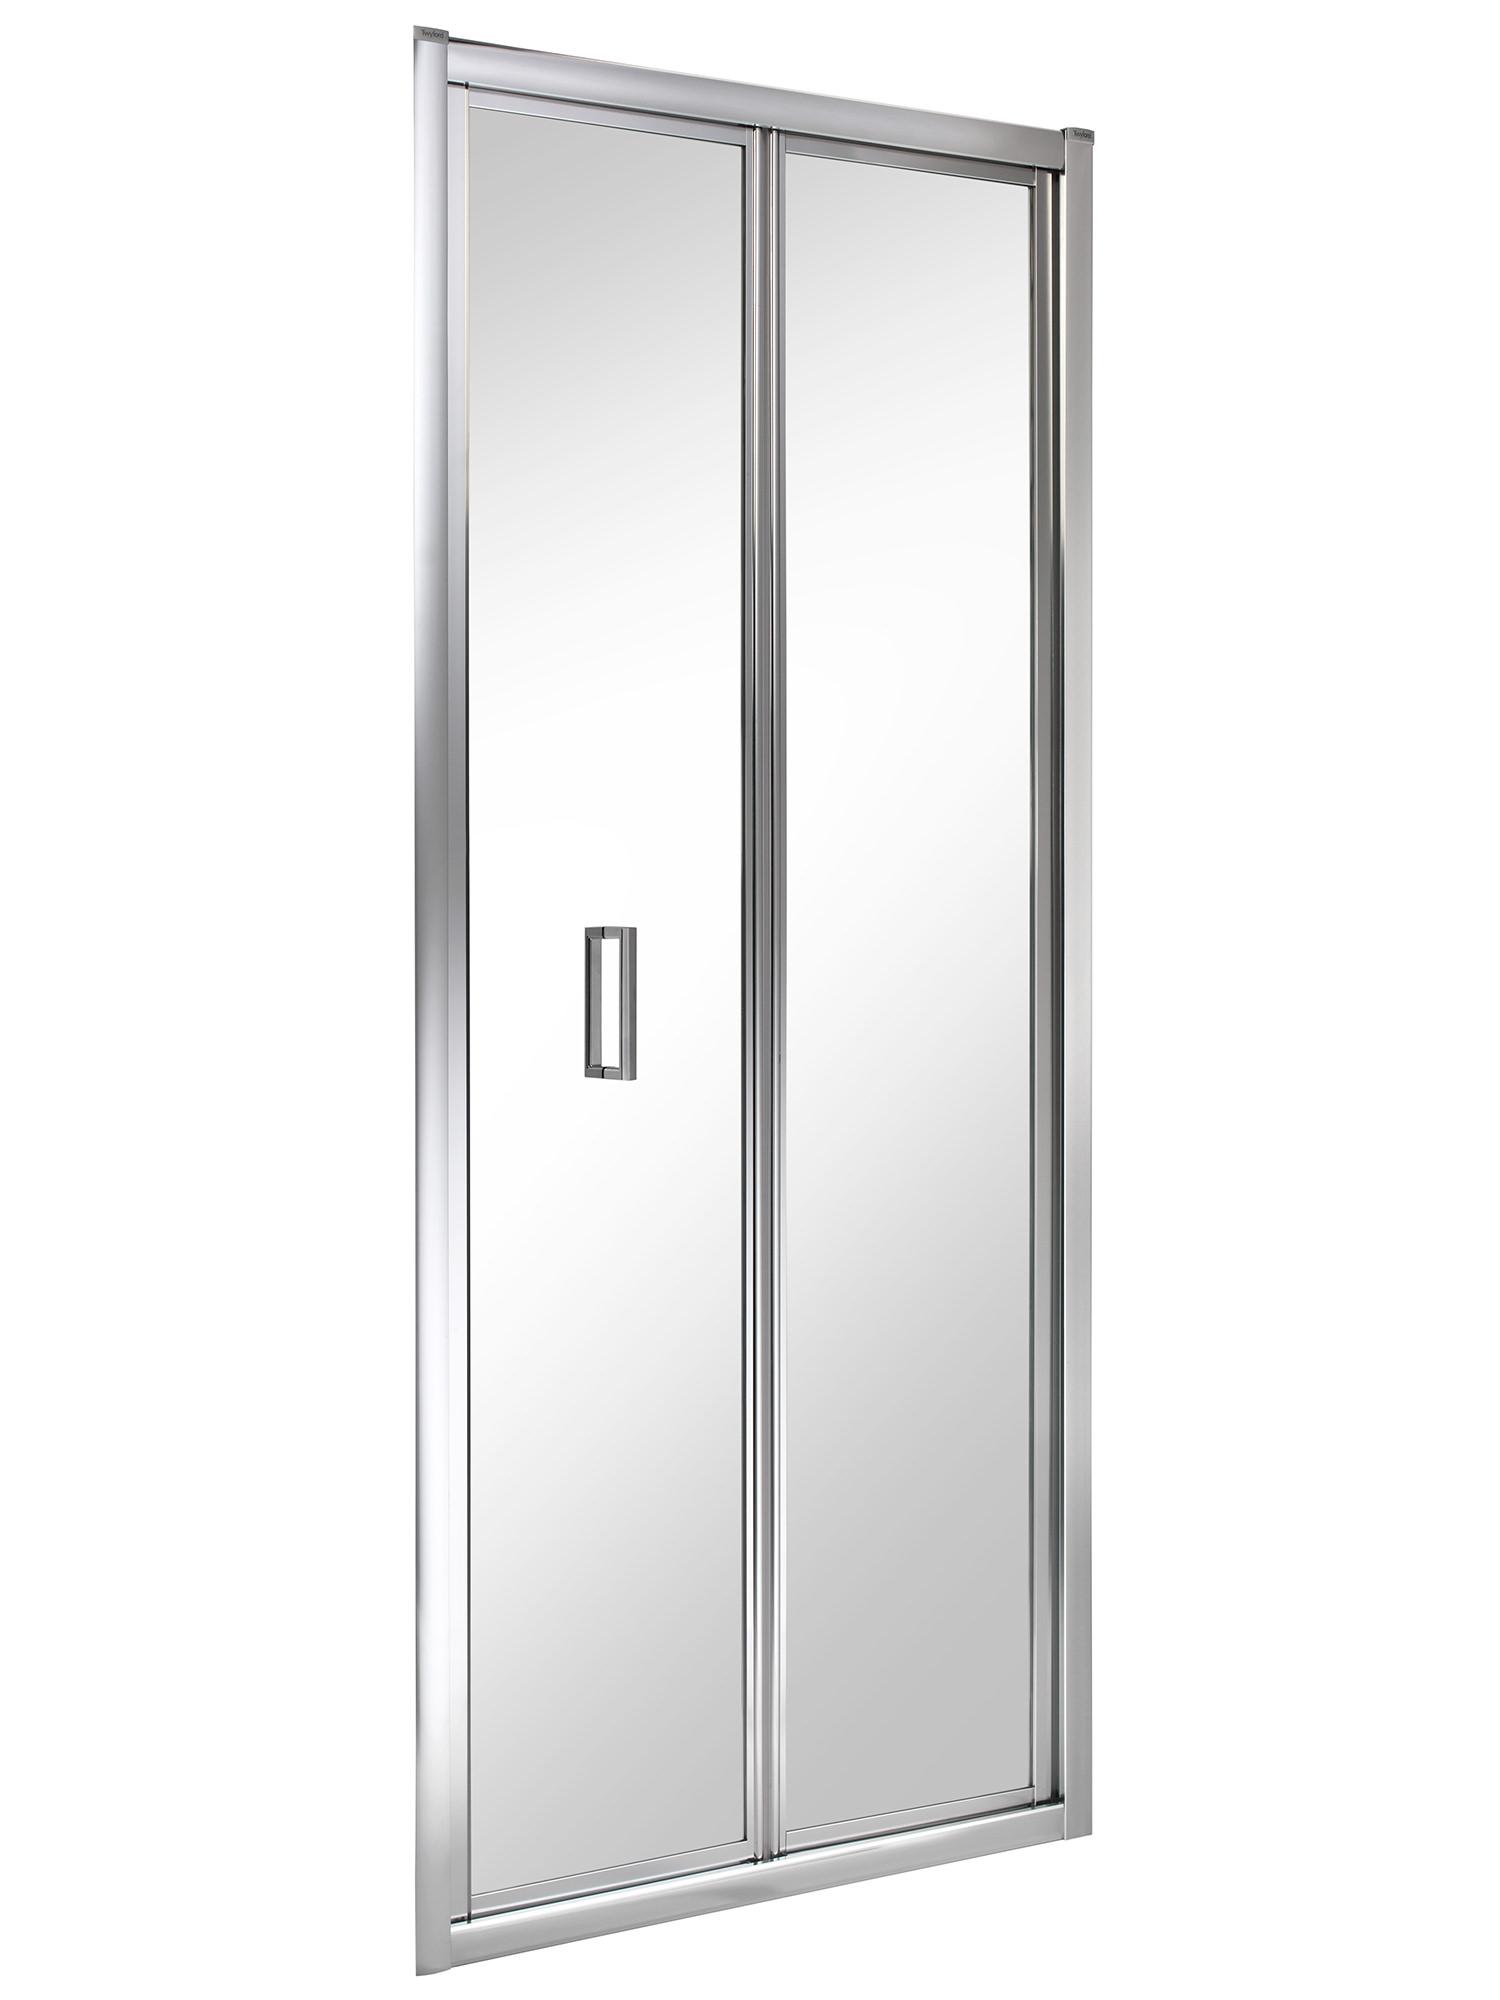 Bifold Bathroom Door: Twyford ES200 760mm Bi-Fold Shower Enclosure Door